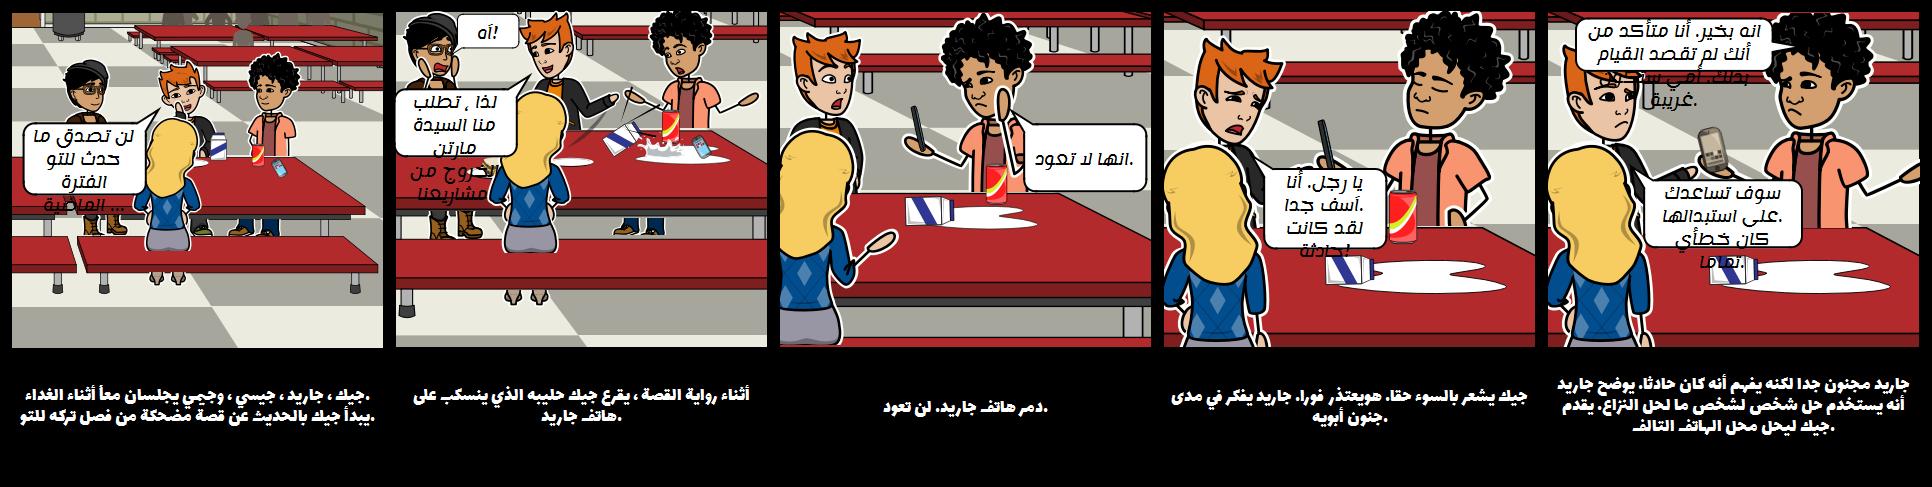 سيناريو الصراع